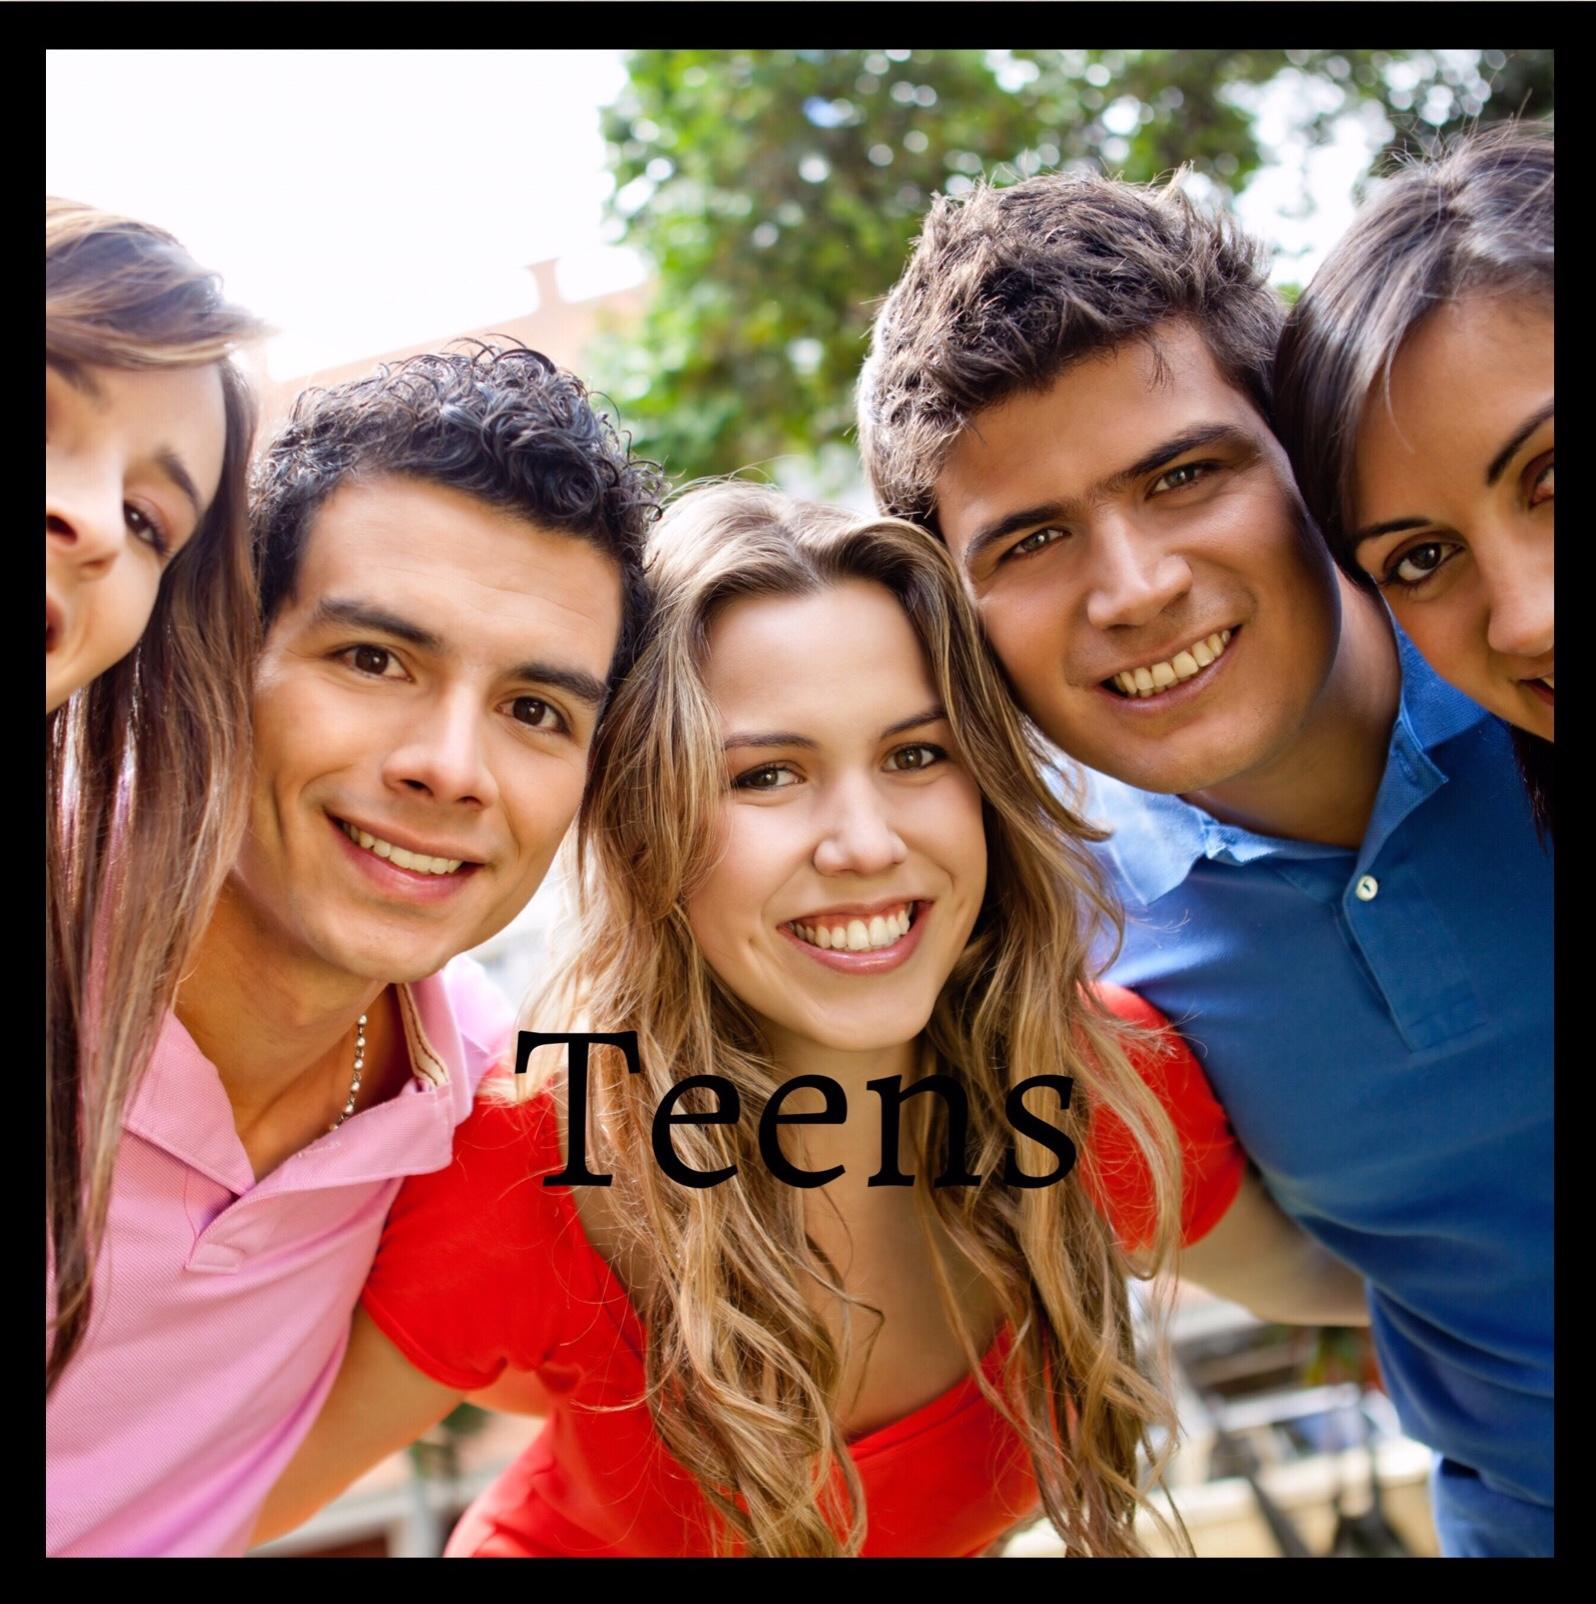 Teens2.JPG